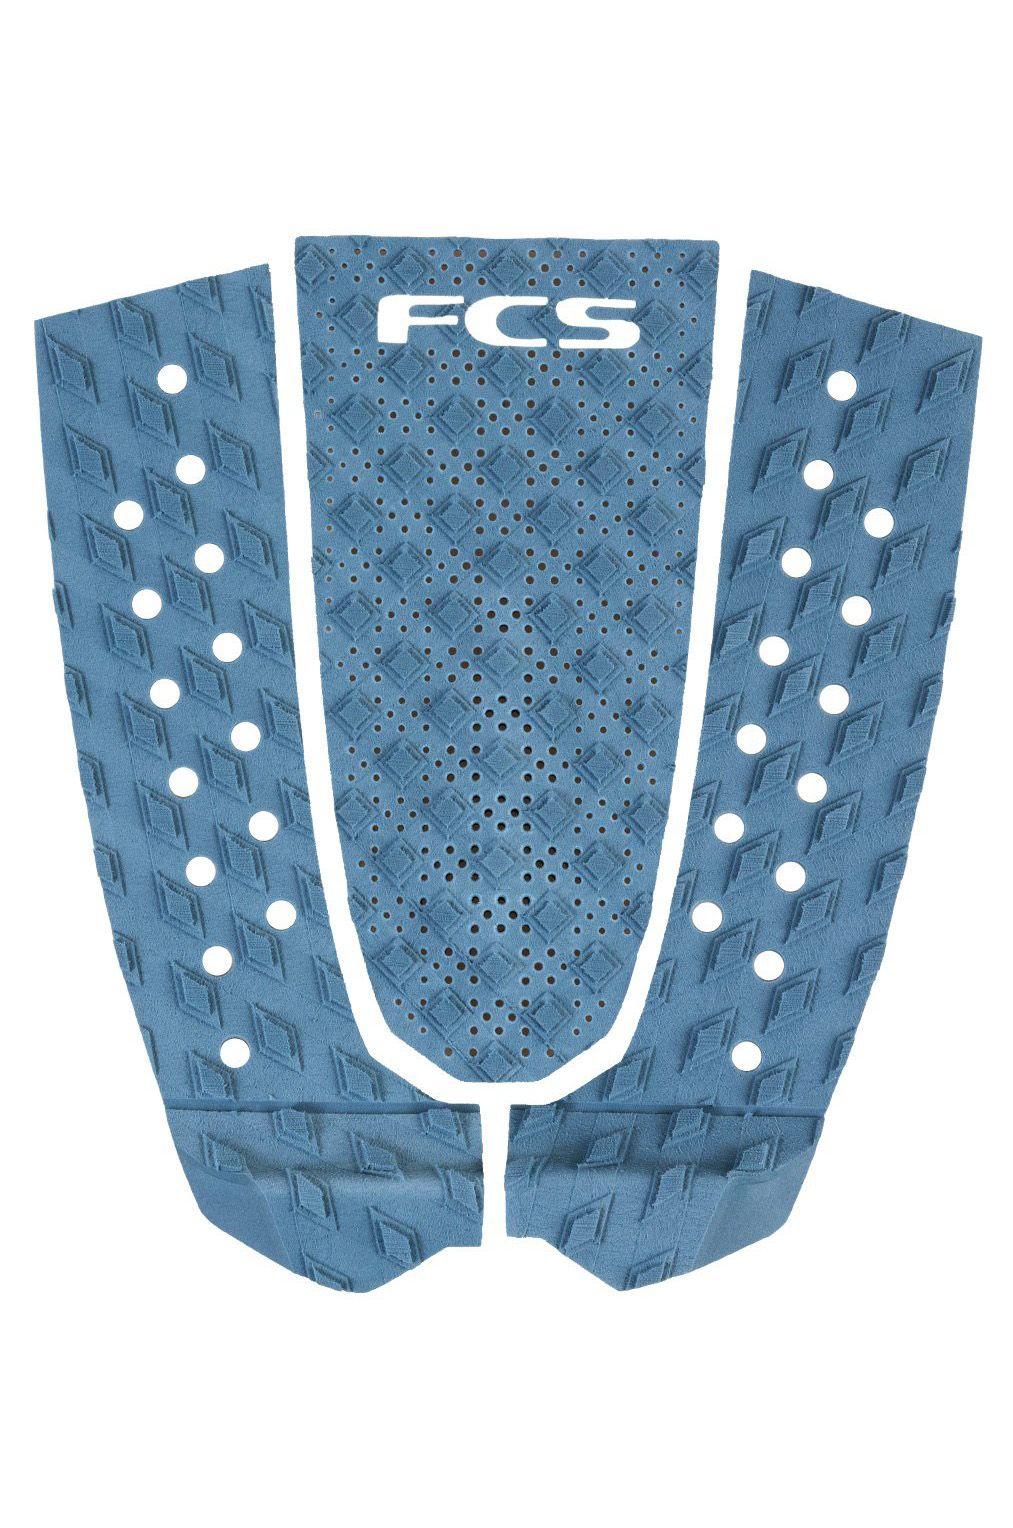 Fcs Deck T-3 Dusty Blue